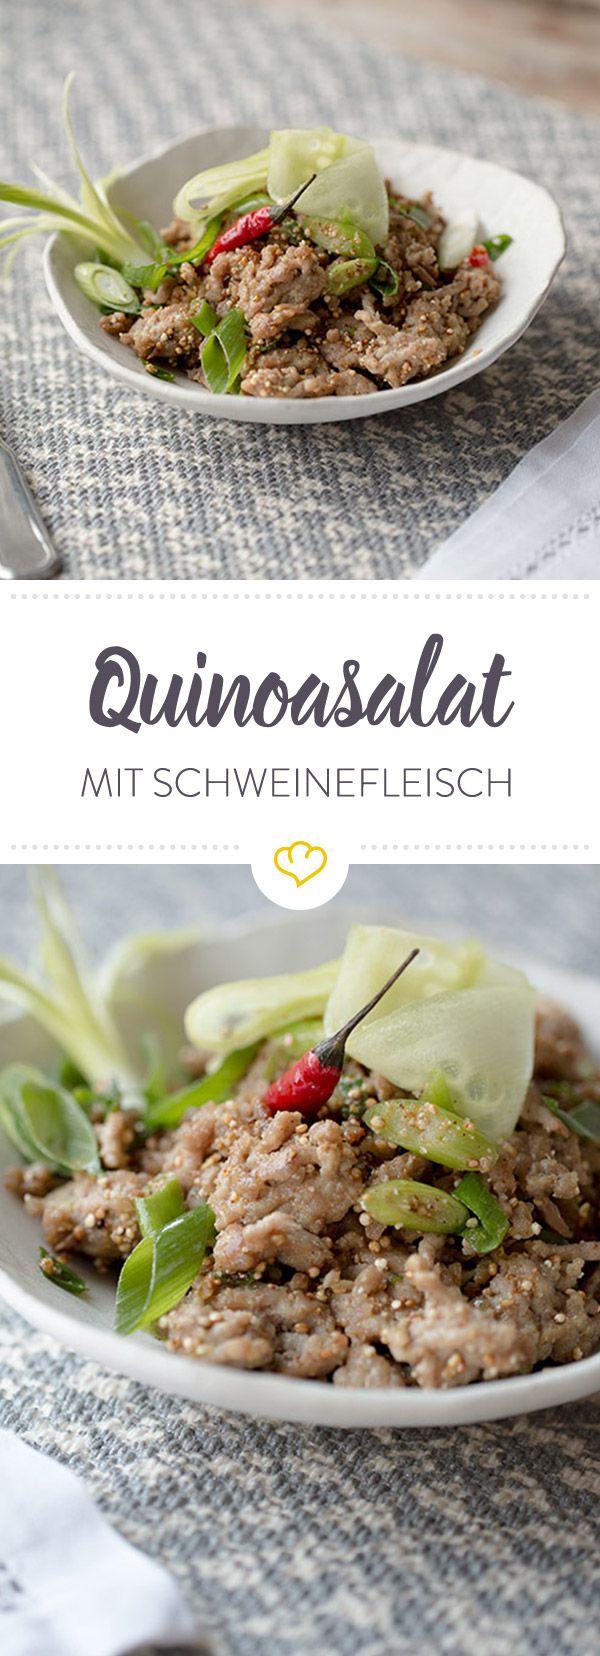 Schnelle gerichte quinoa gesundes essen und rezepte foto for Gute schnelle gerichte